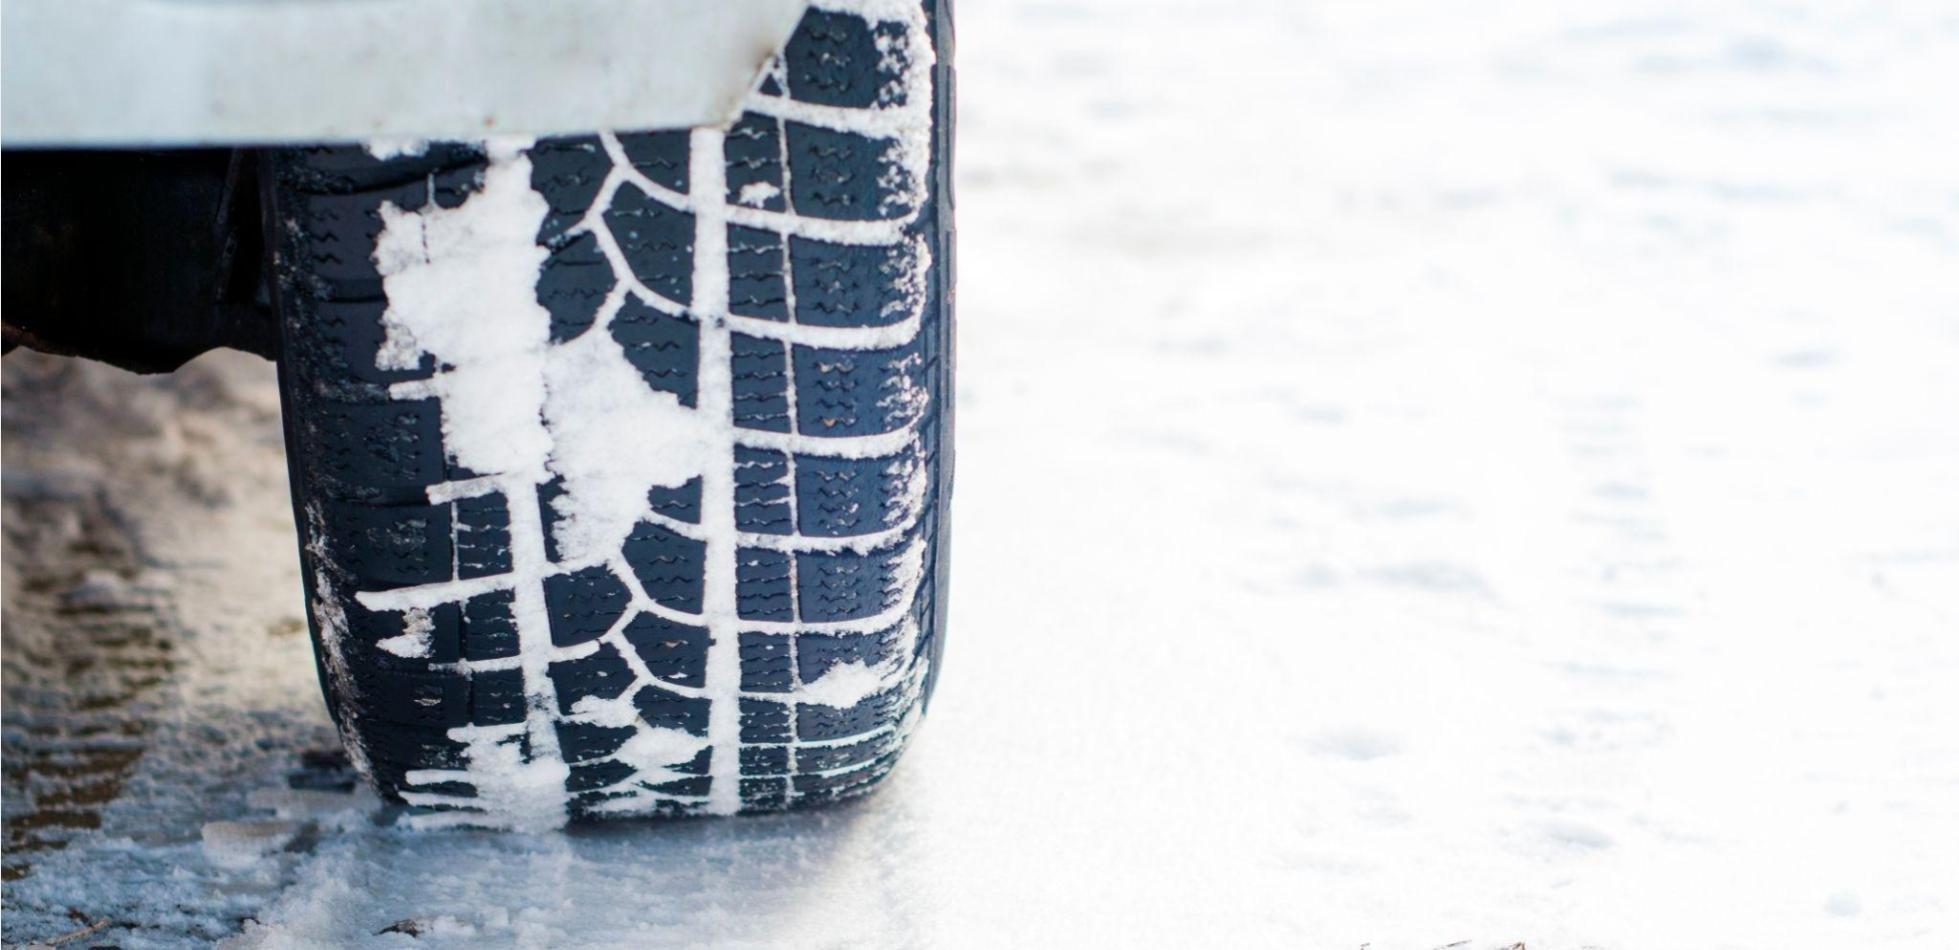 Ostrzeżenie pogodowe. Intensywne opady śniegu